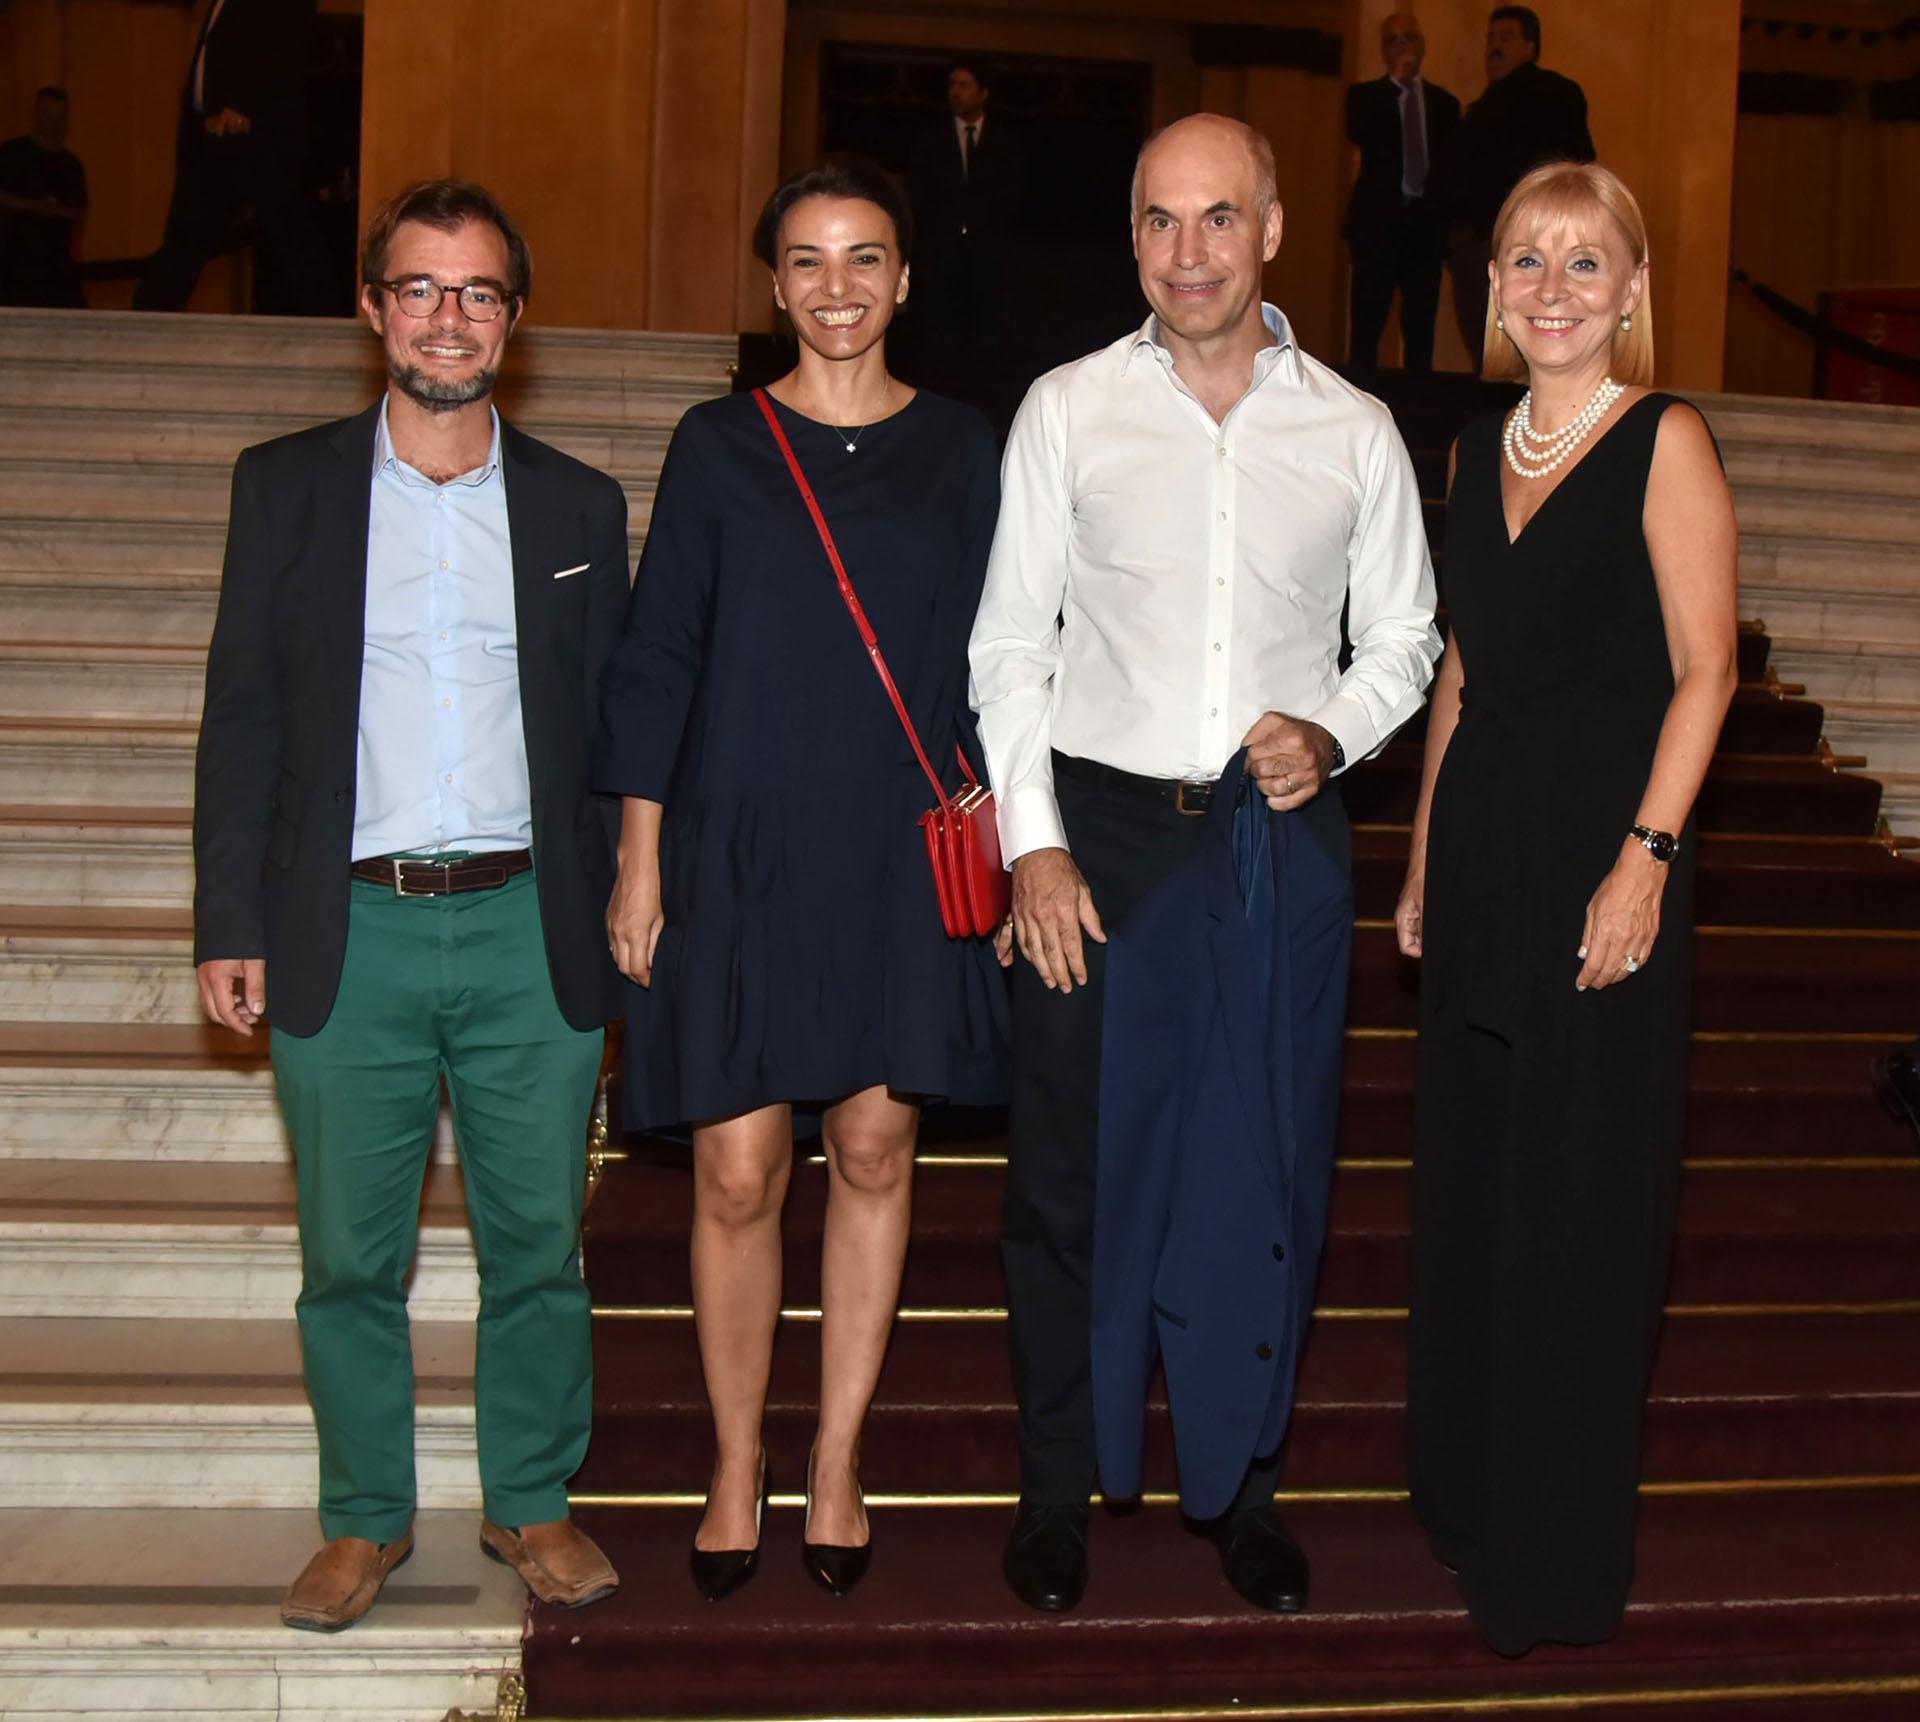 El jefe de Gobierno porteño, Horacio Rodríguez Larreta, y su esposa, Bárbara Diez, con el ministro de Cultura, Enrique Avogadro, y María Victoria Alcaraz